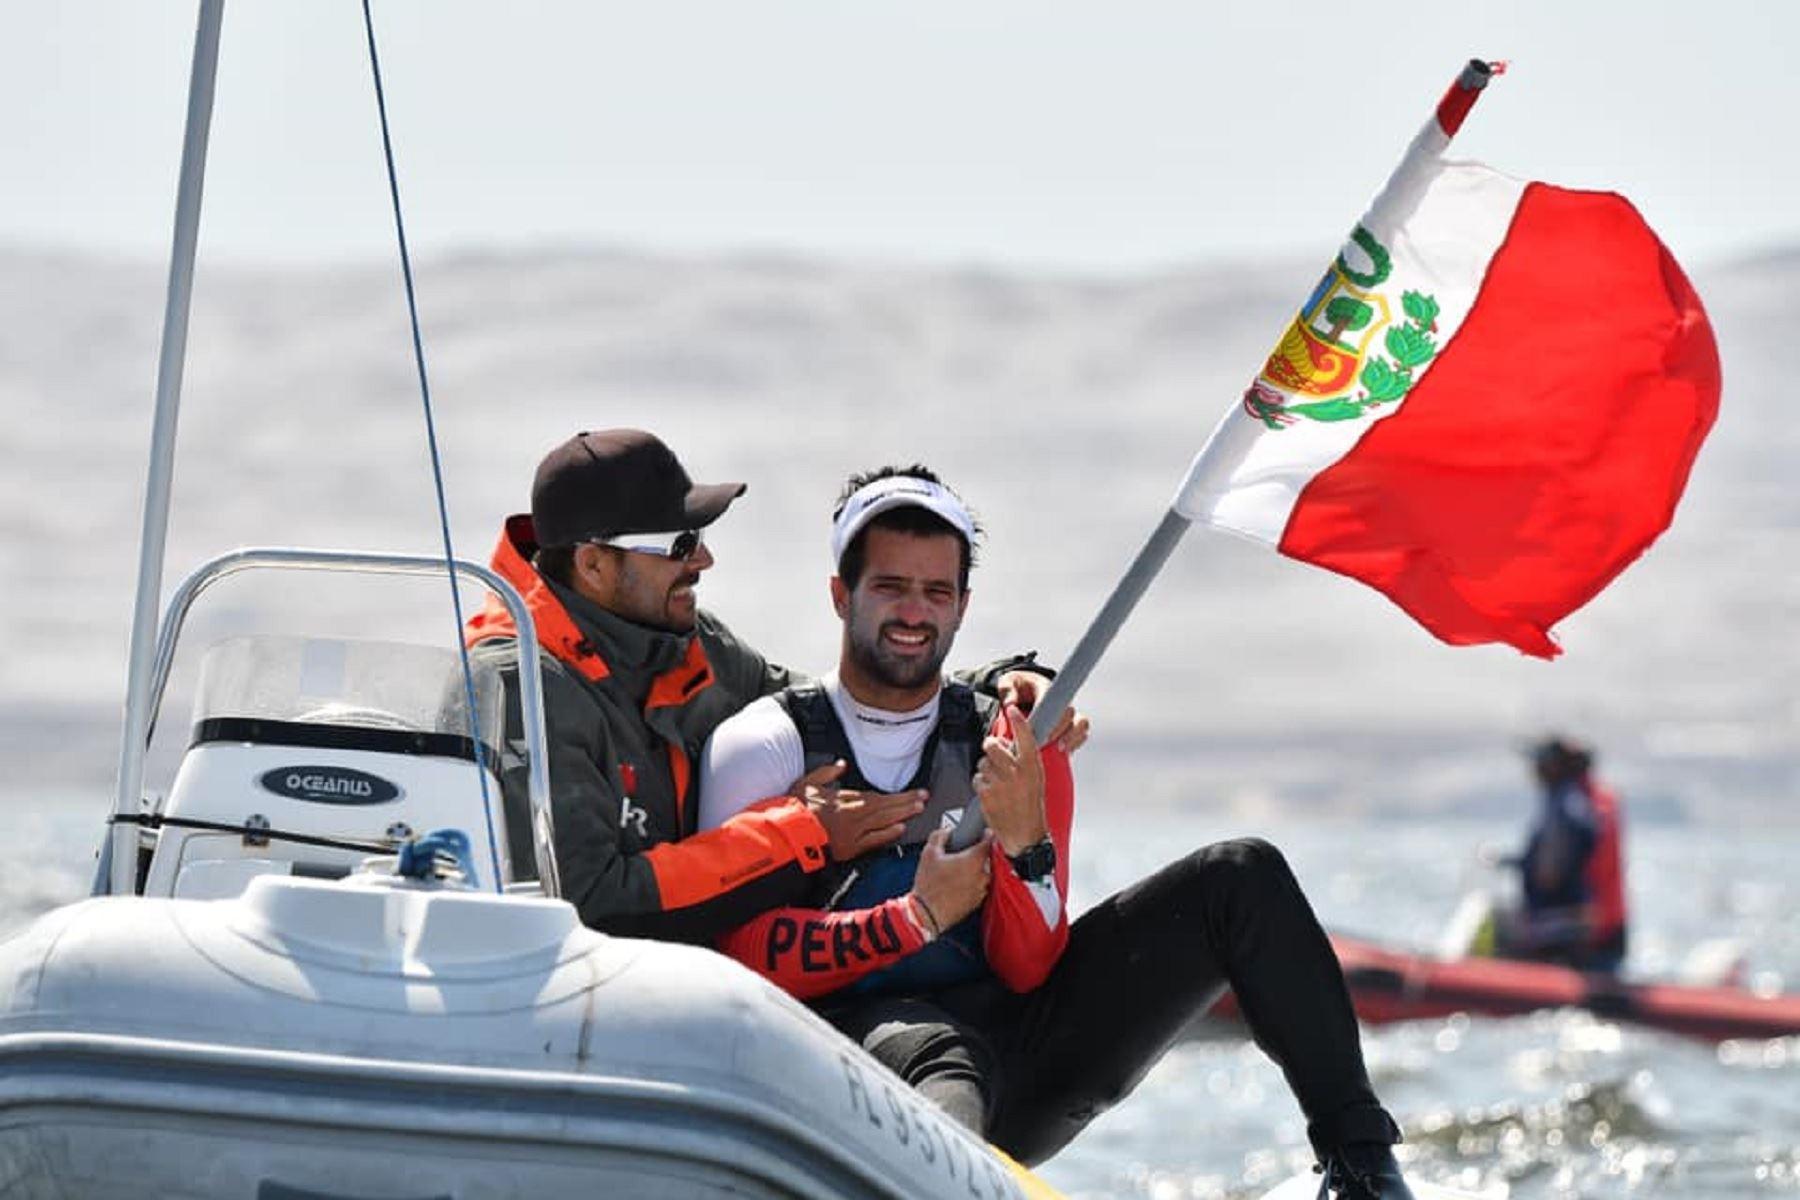 Velerista Stefano Peschiera fue el abanderado del Perú en Lima 2019. Foto: Facebook: Stefano Peschiera